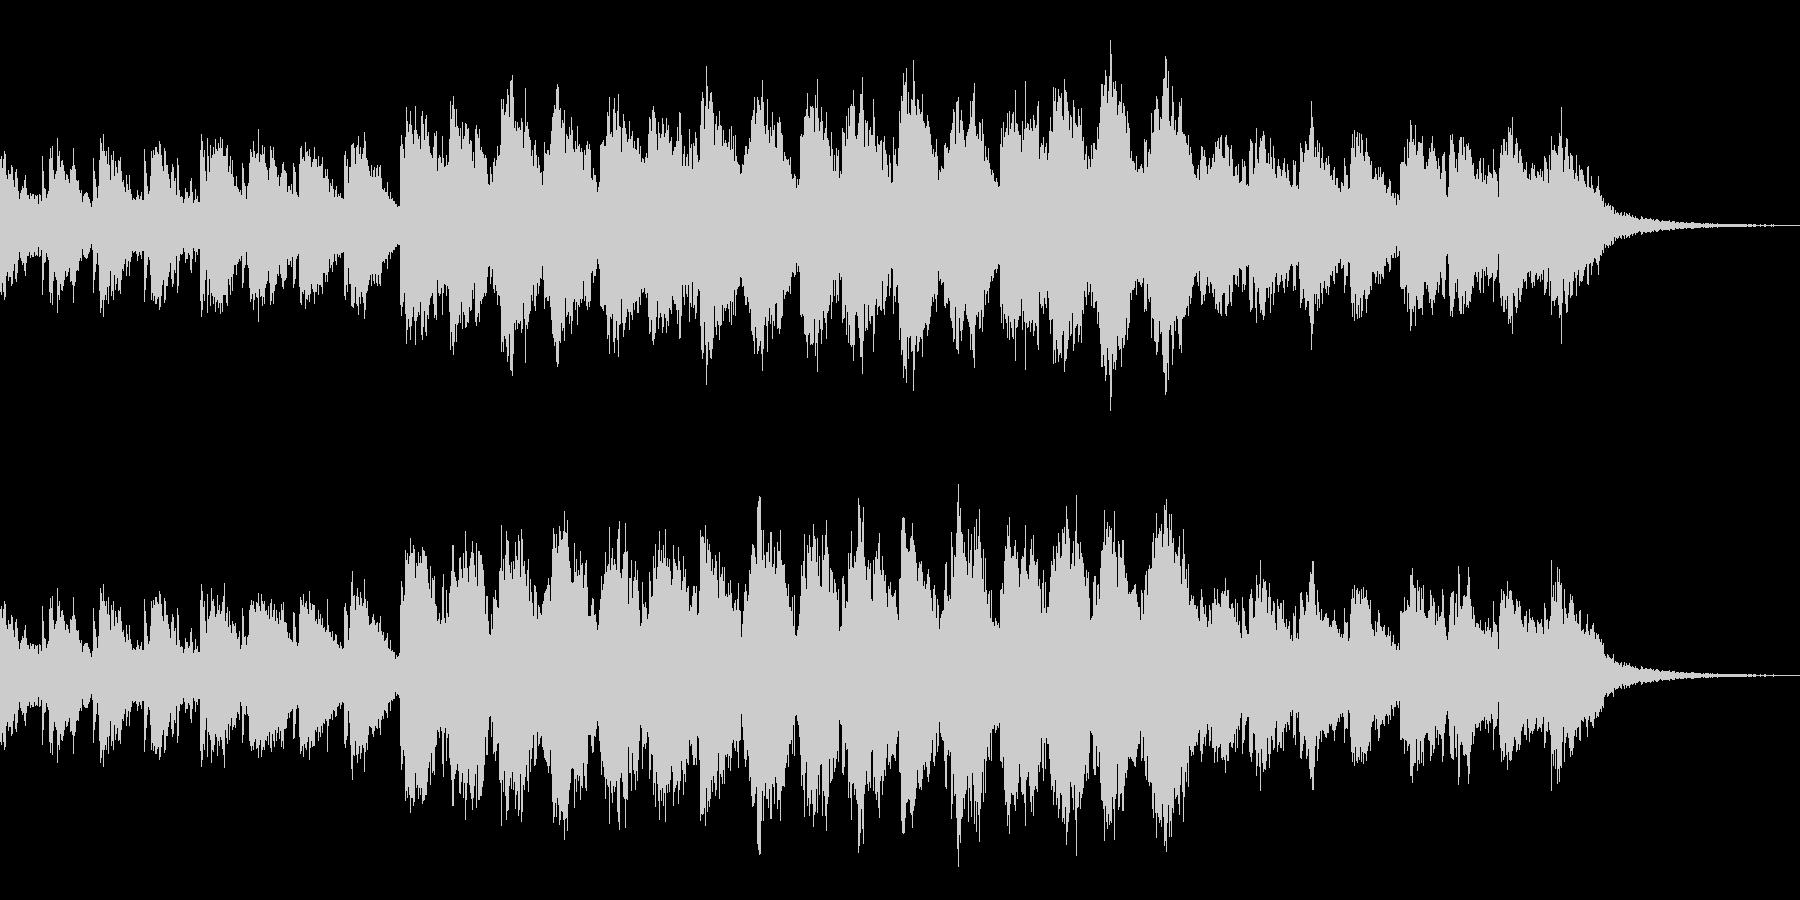 ギターとピアノ音による no.3の未再生の波形